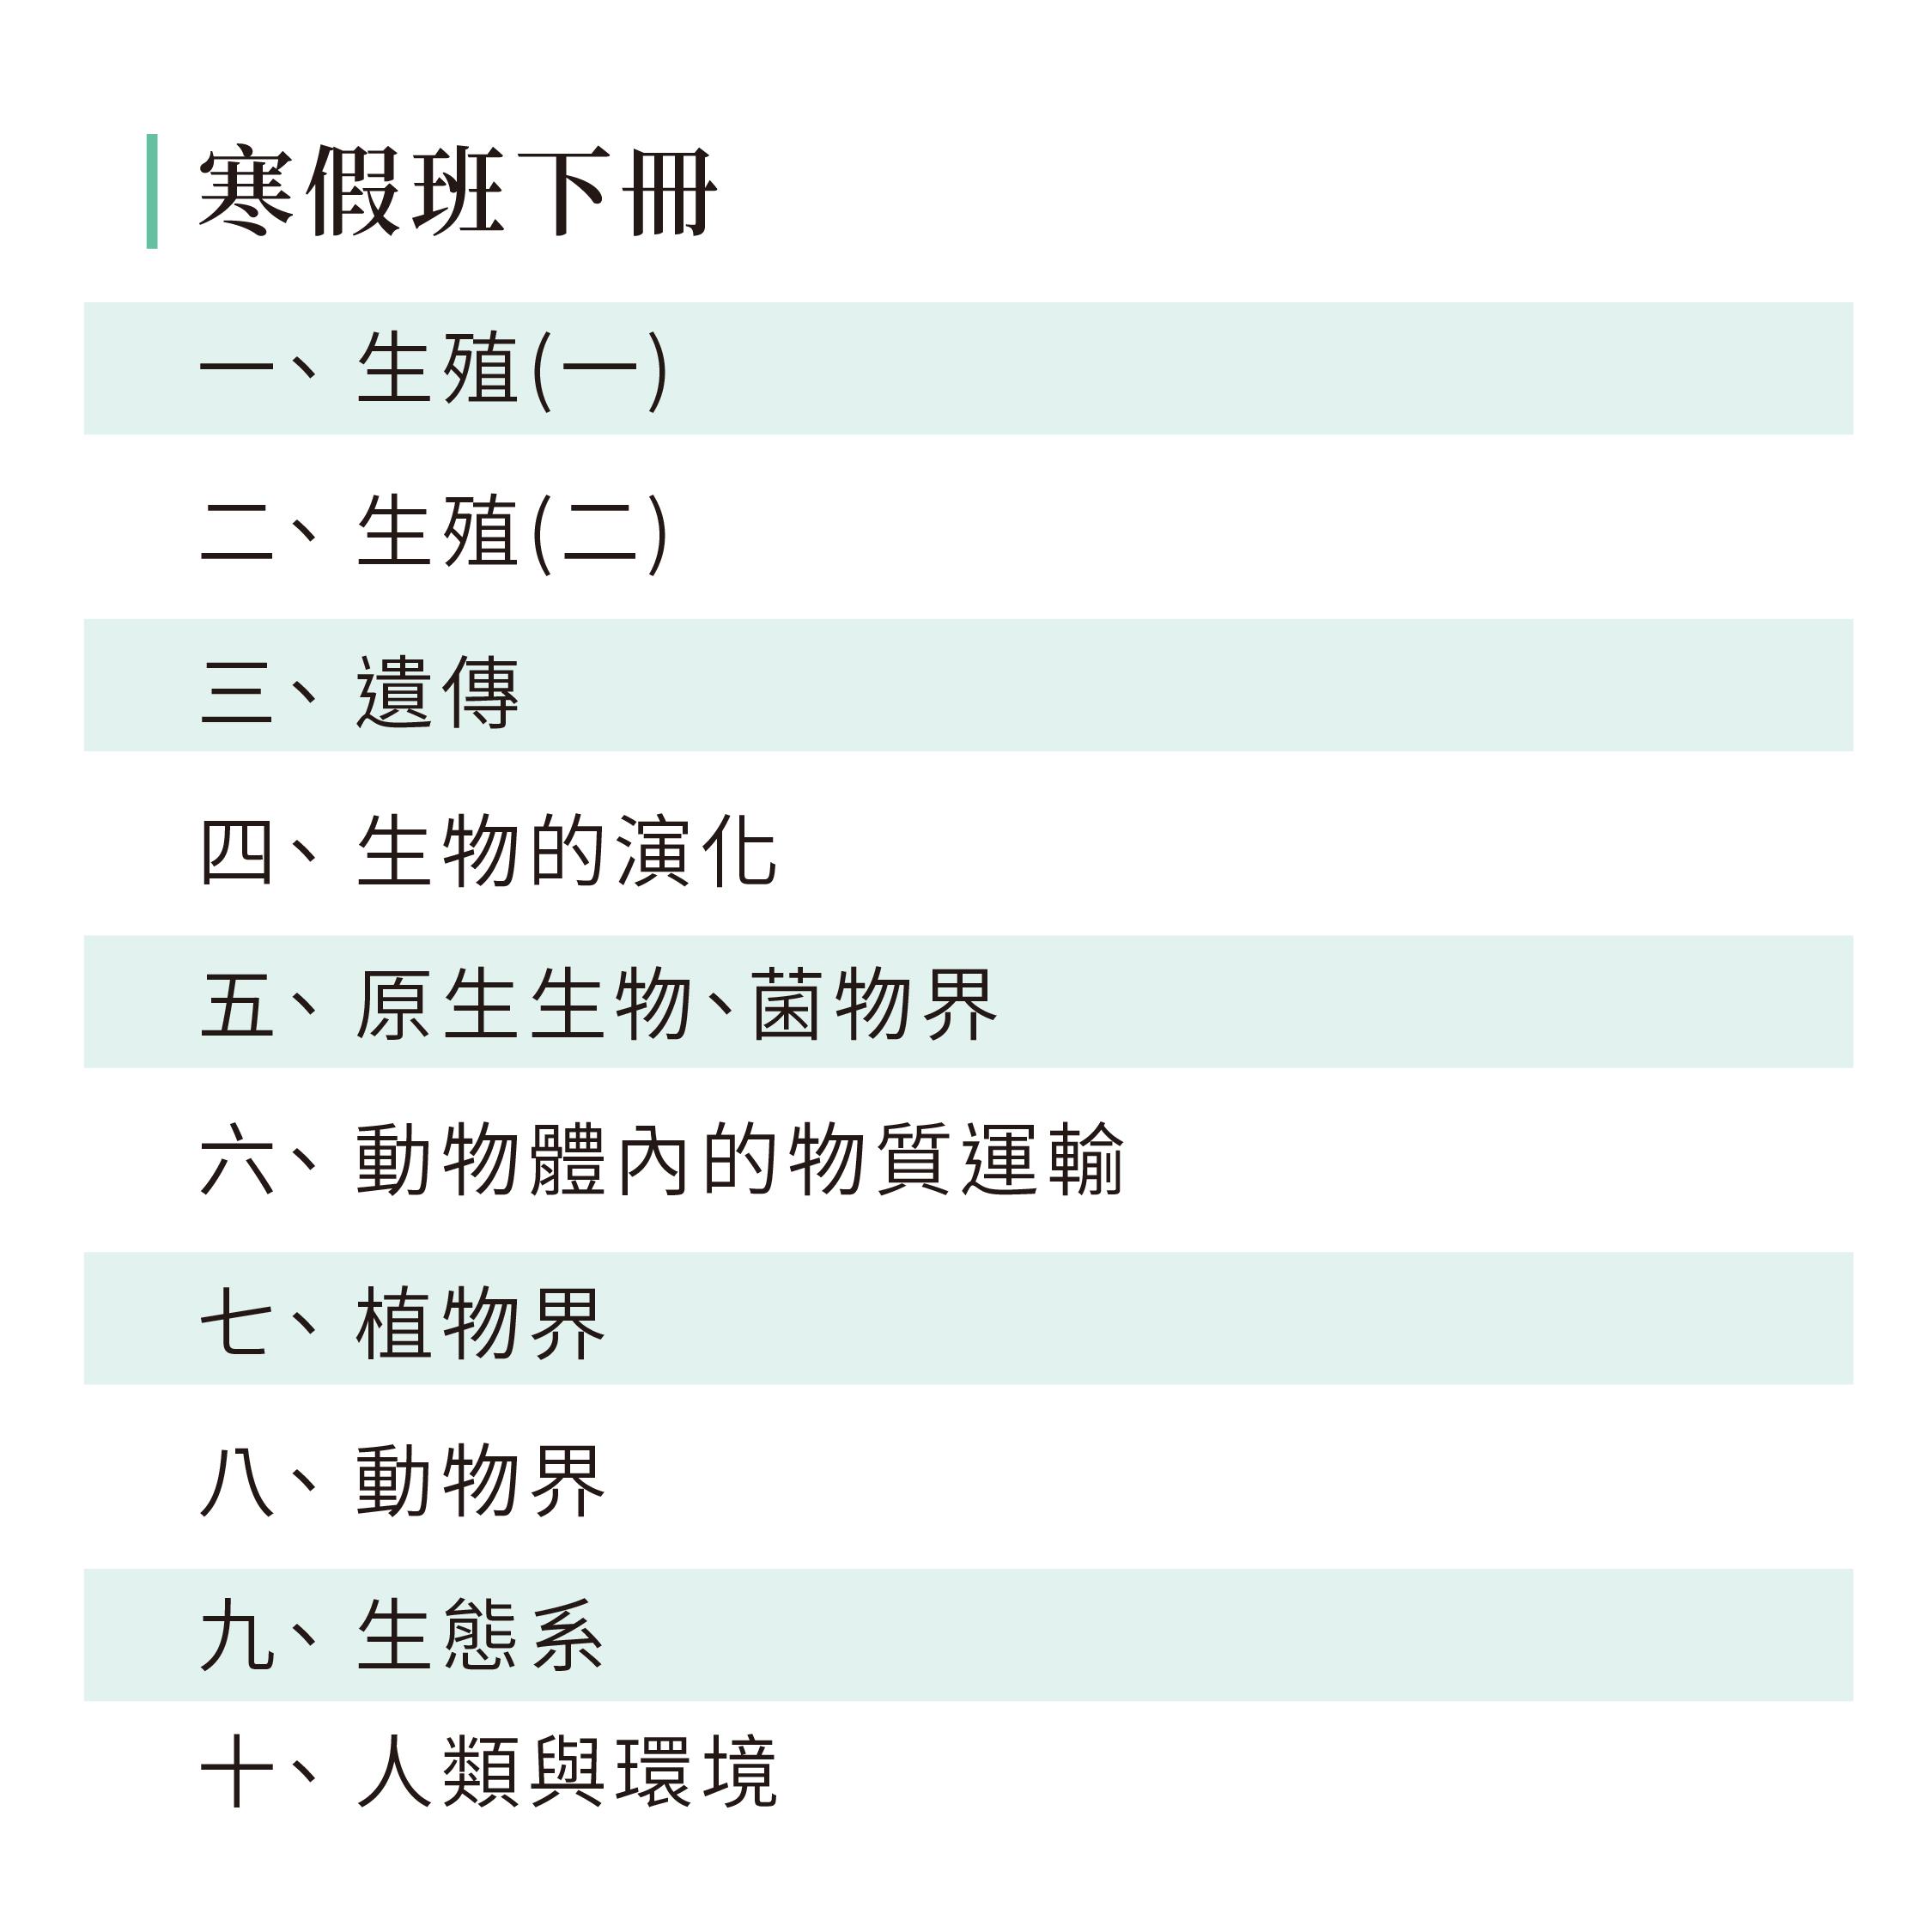 資優科學課程大綱-02